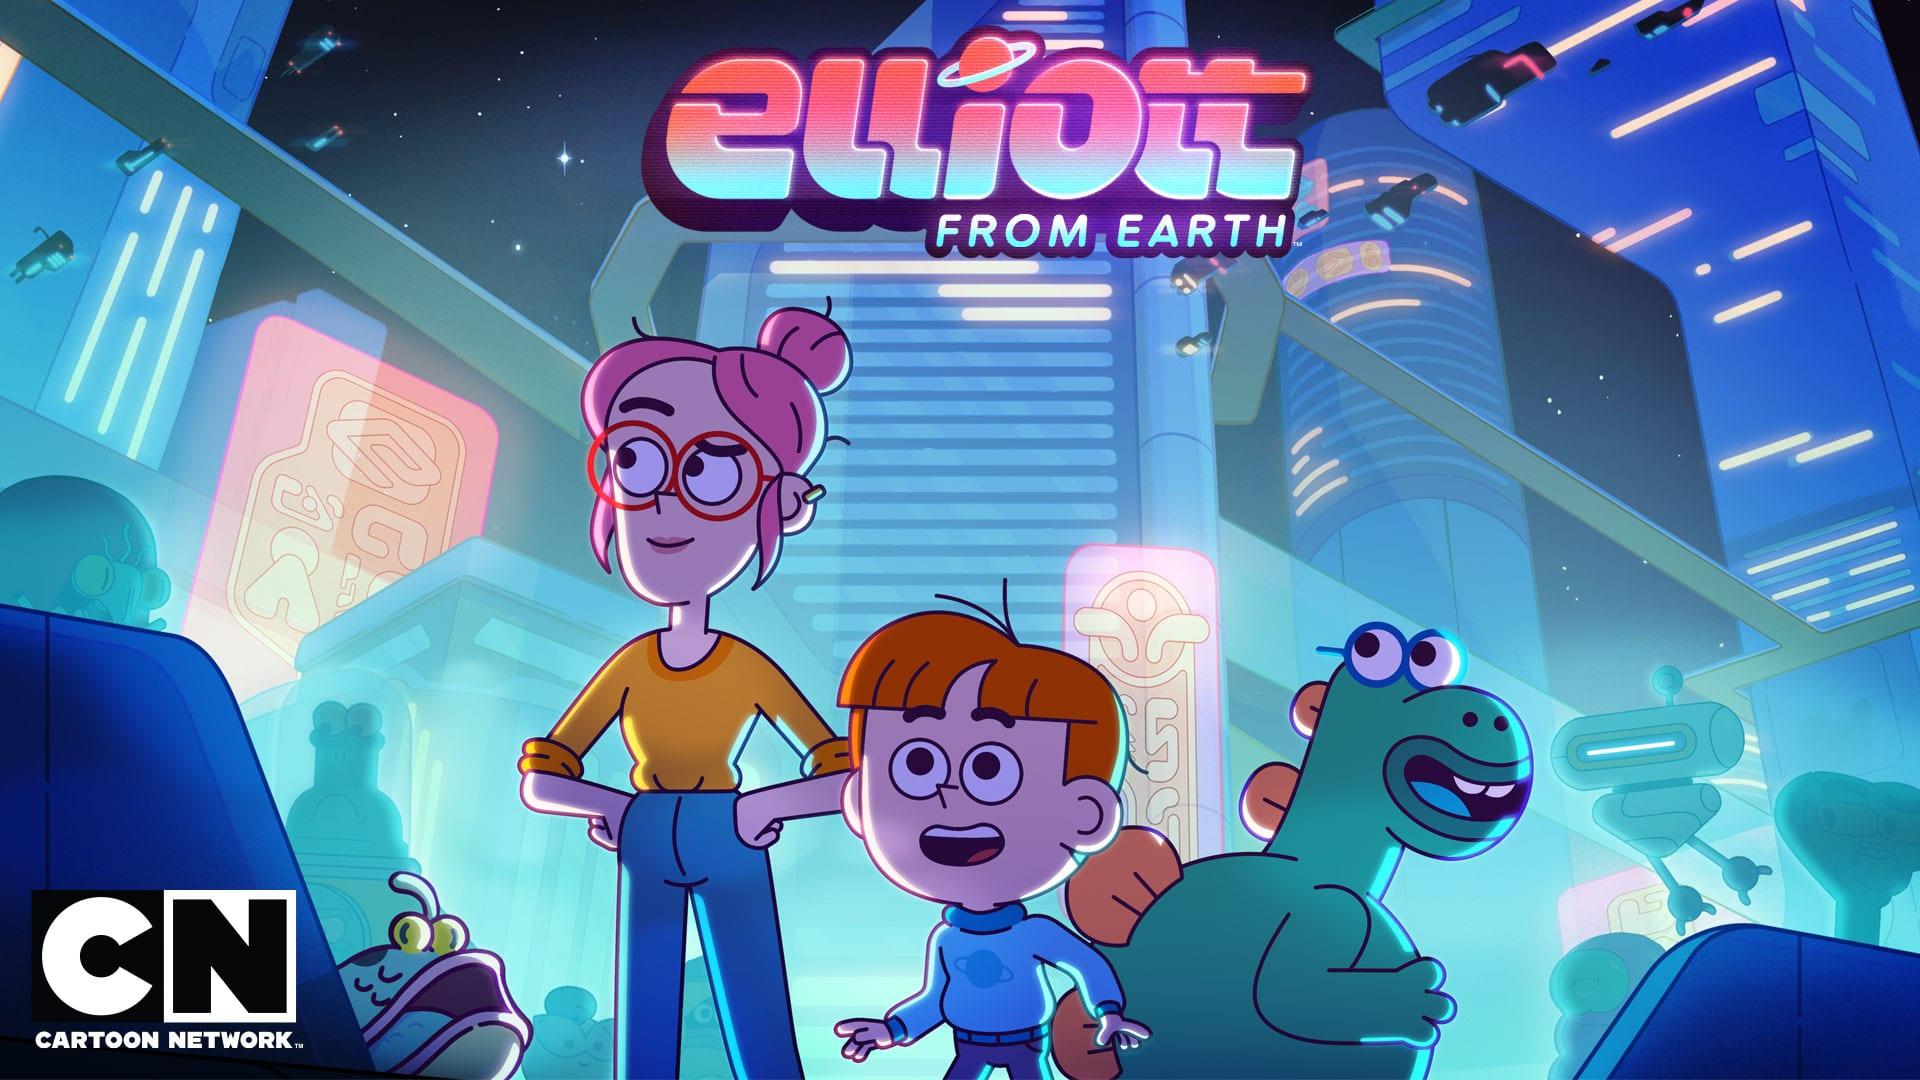 O ELLIOTT DA TERRA - Cartoon Network Passatempo estreia